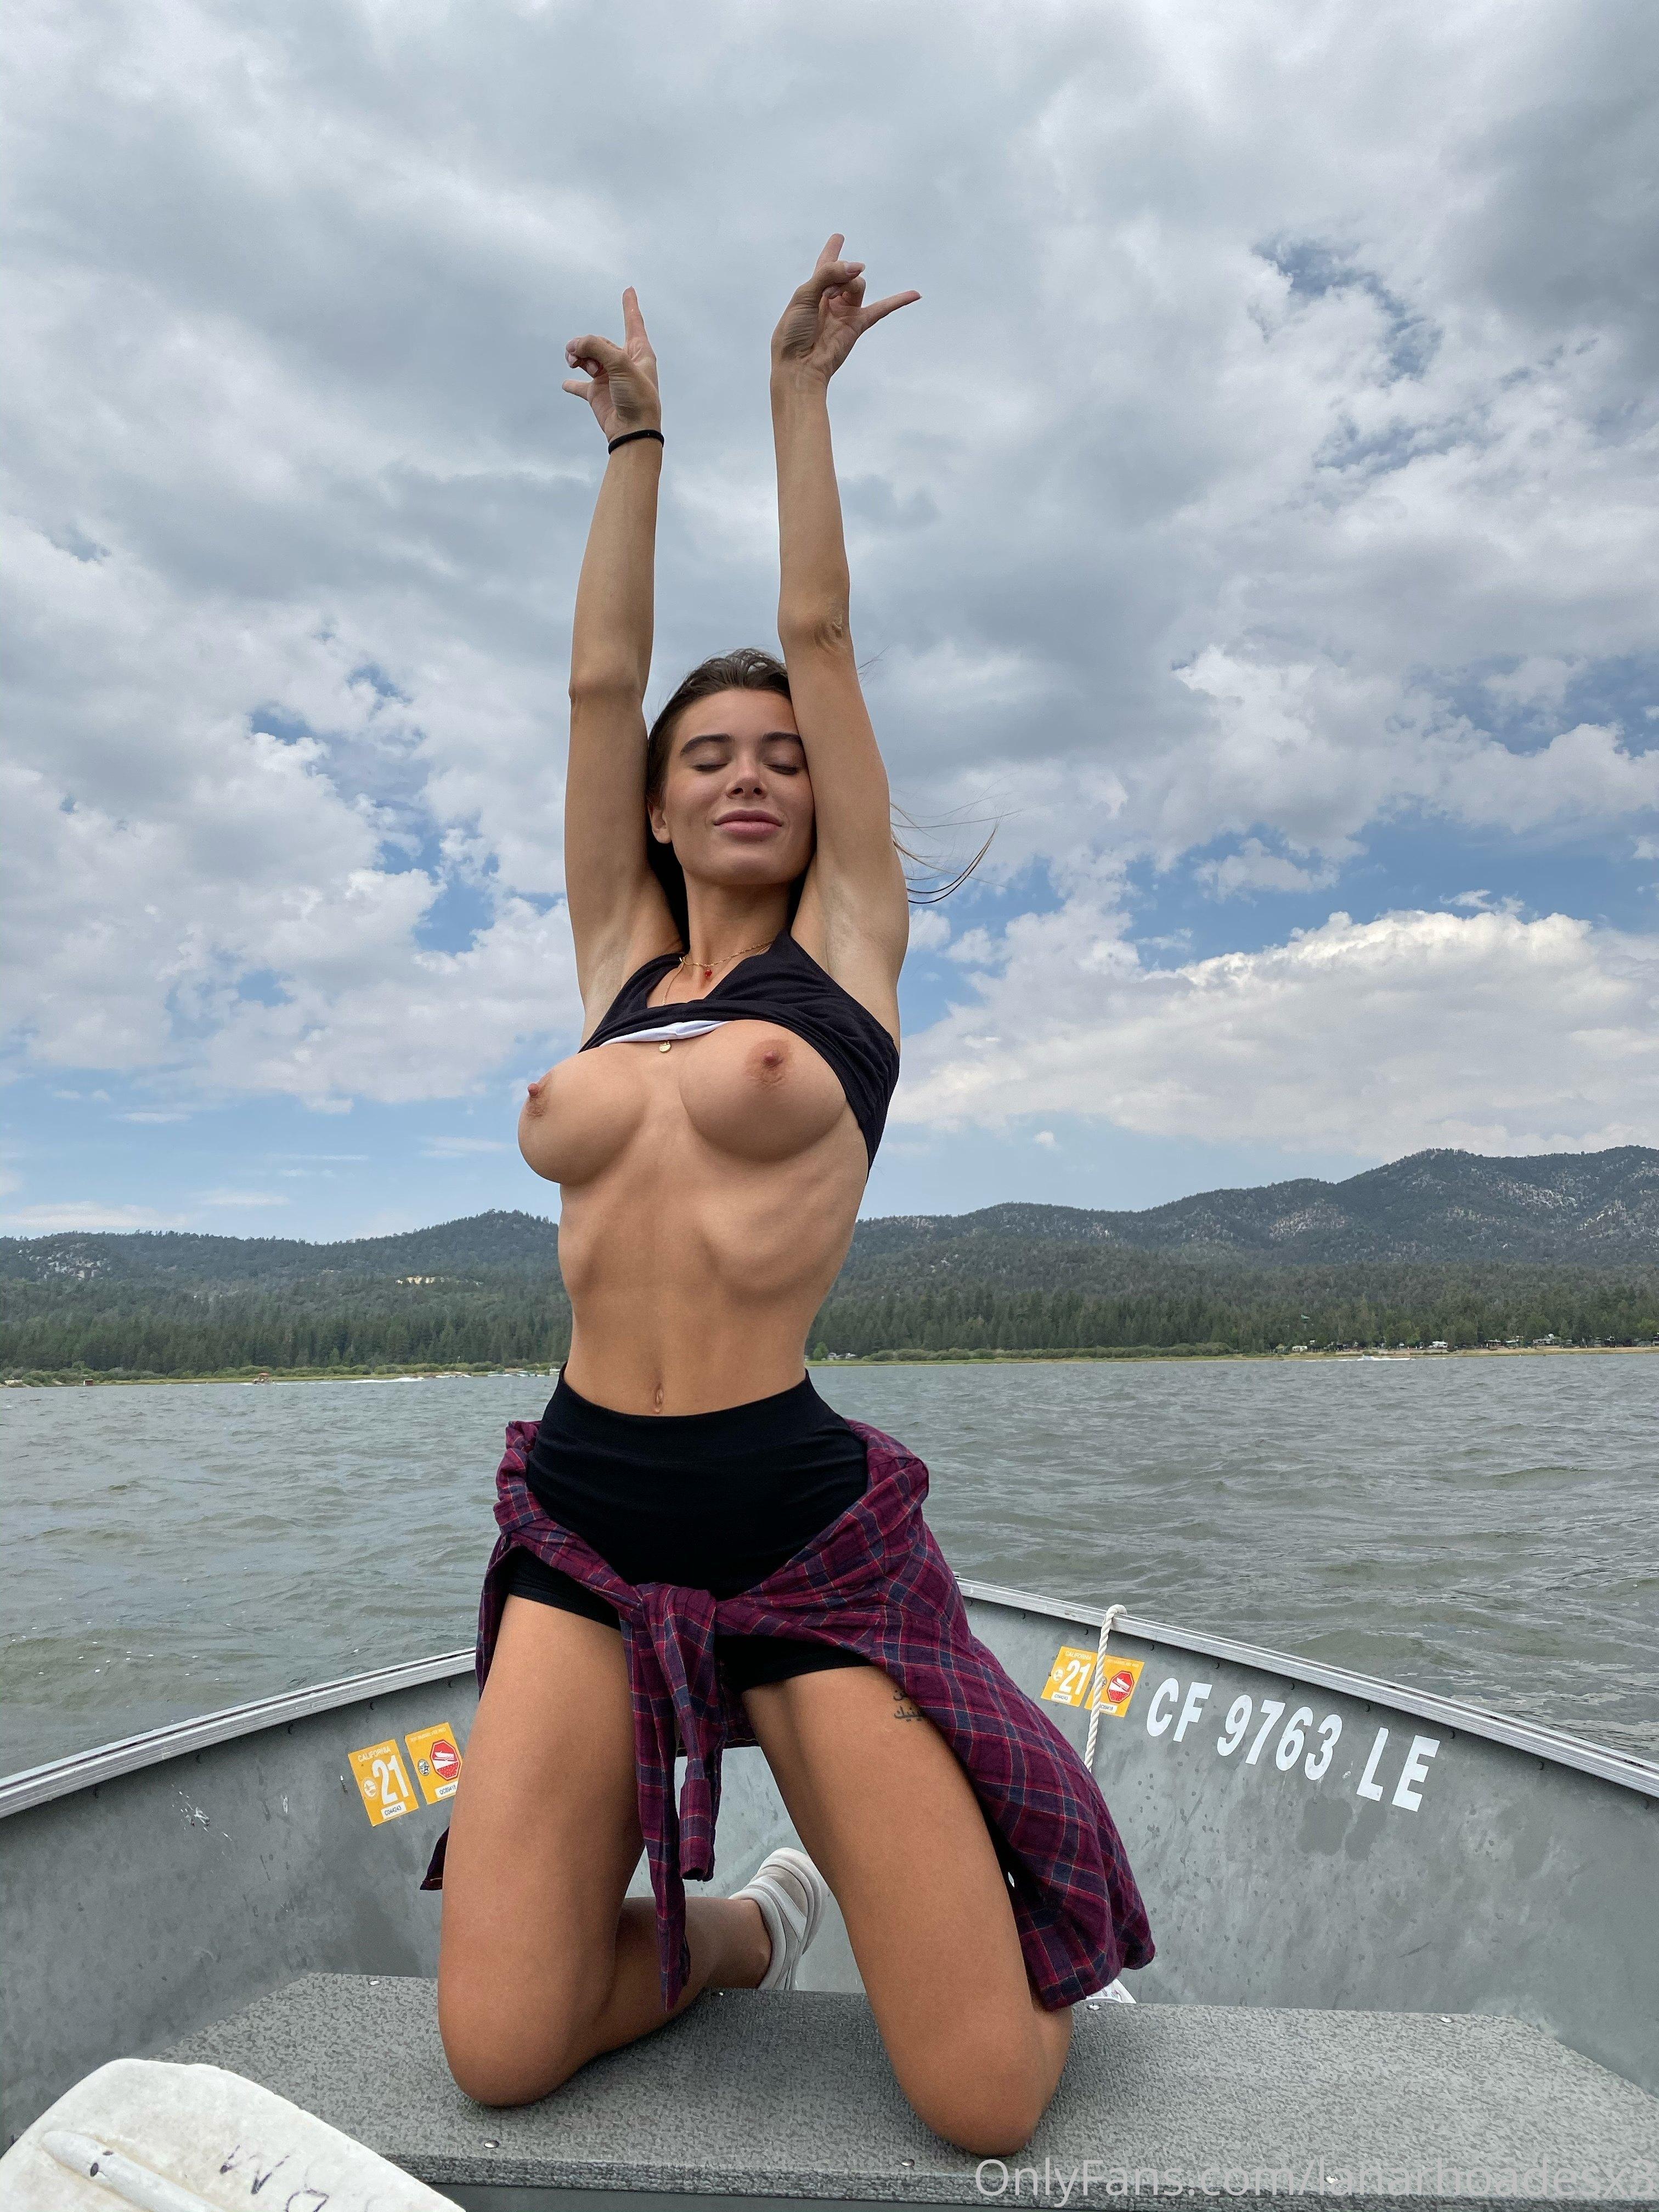 Lana Rhoades, Lanarhoades, Onlyfans Nude Leaks 0020